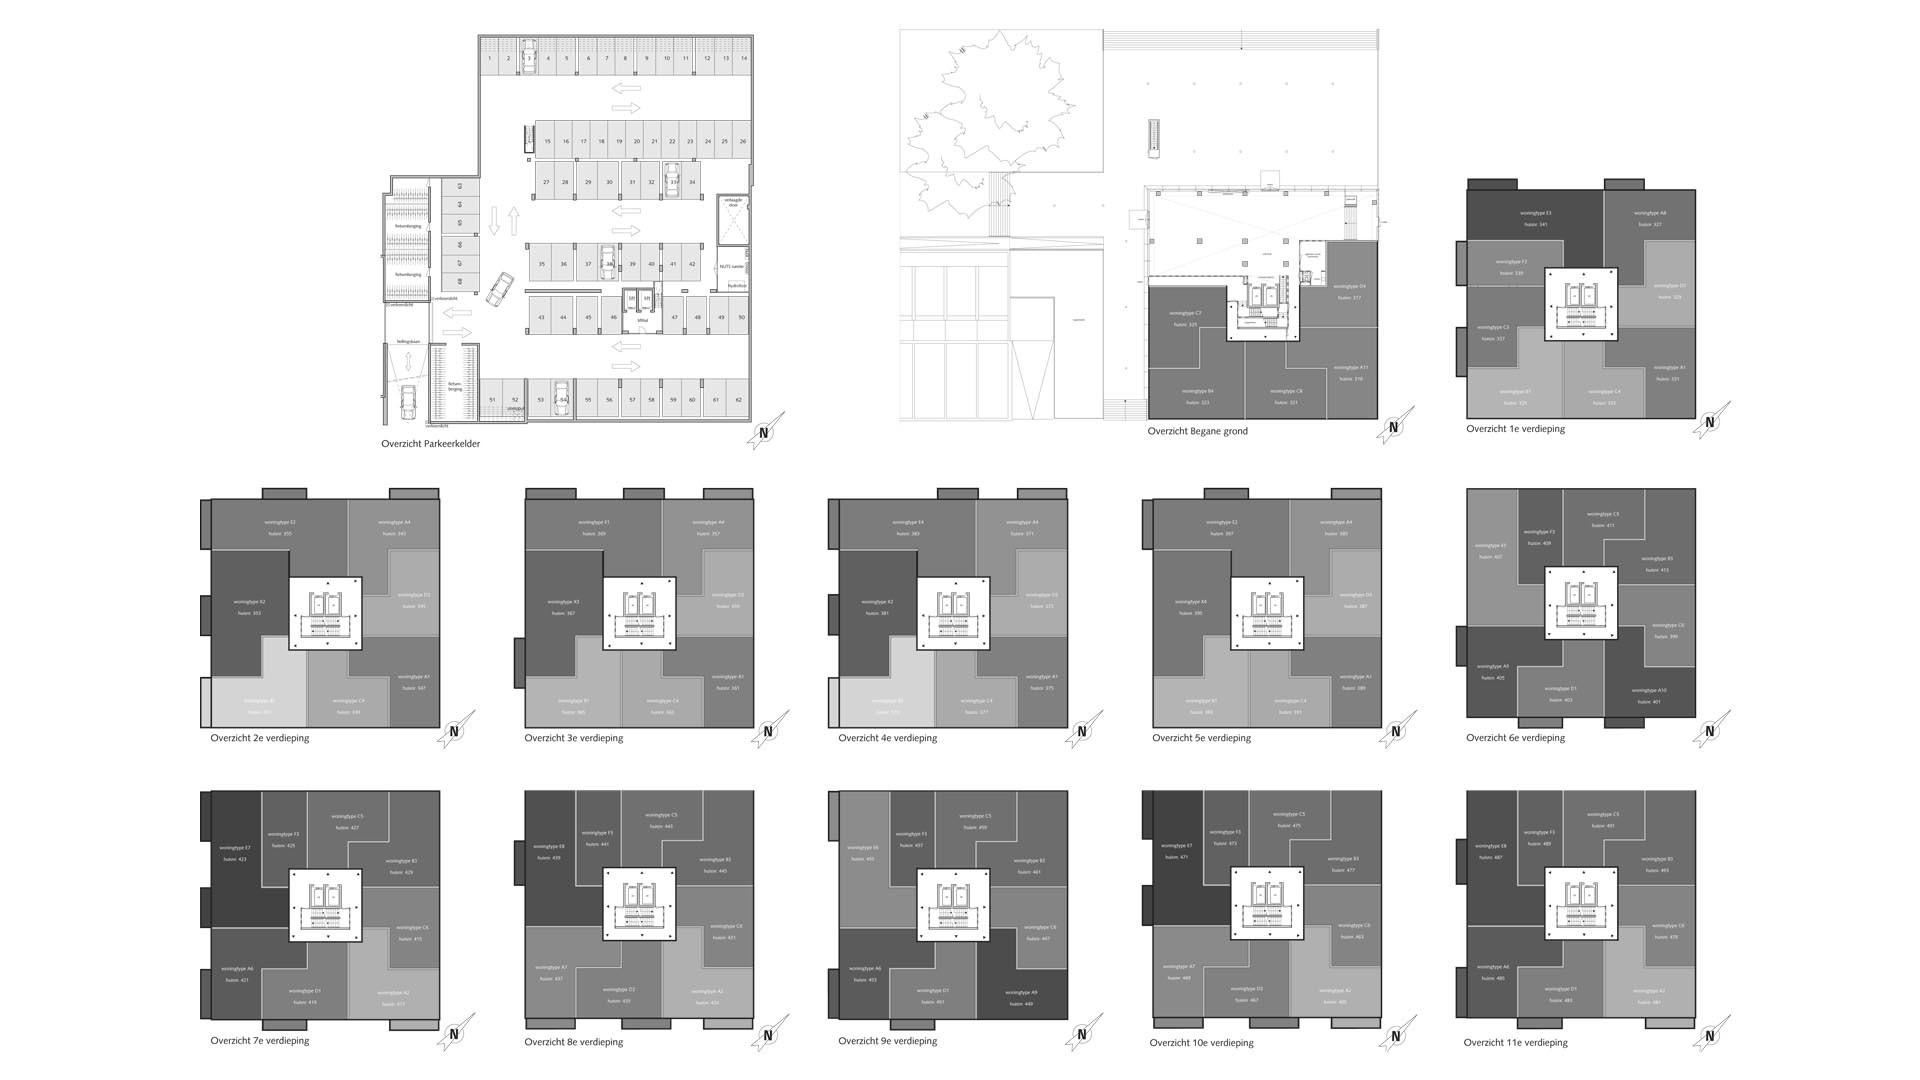 erasmus 2 plattegrond